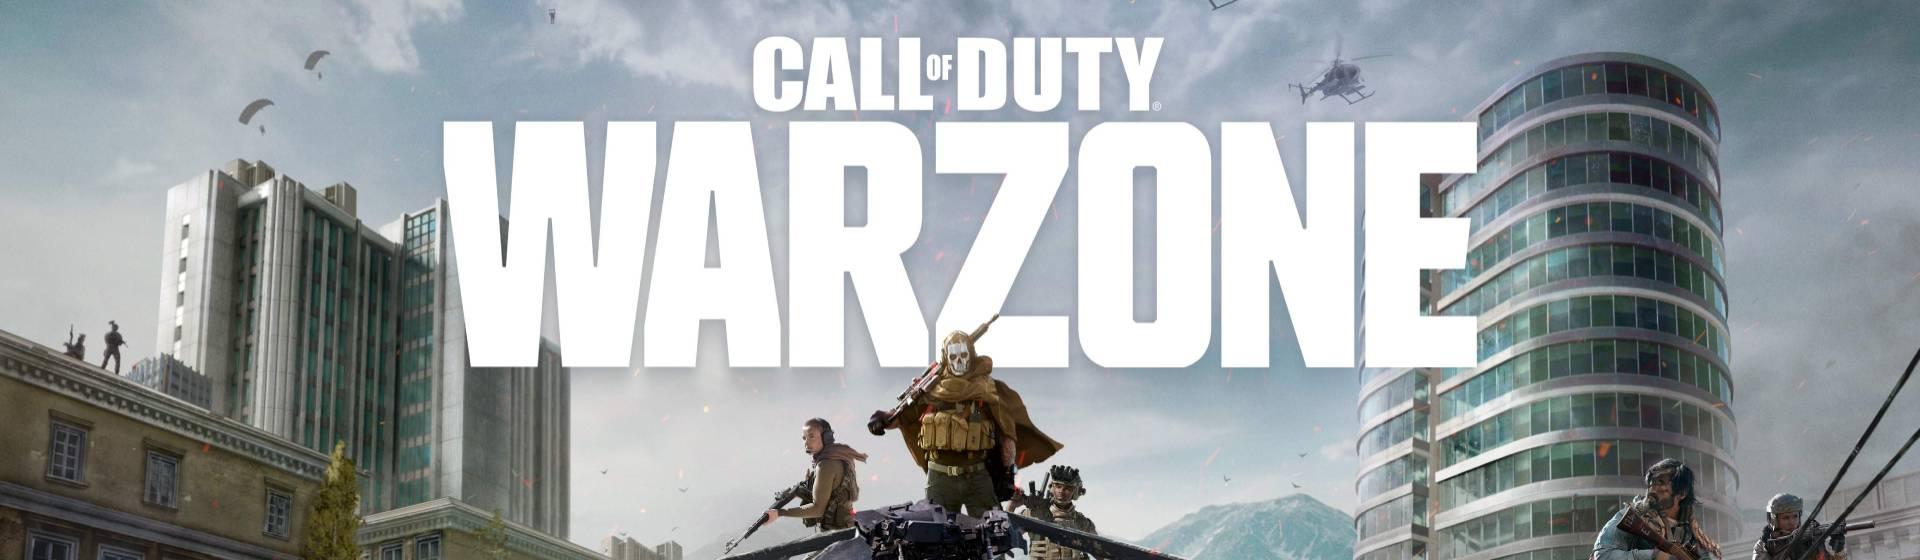 Call of Duty Warzone: como baixar, como jogar e tudo sobre o game